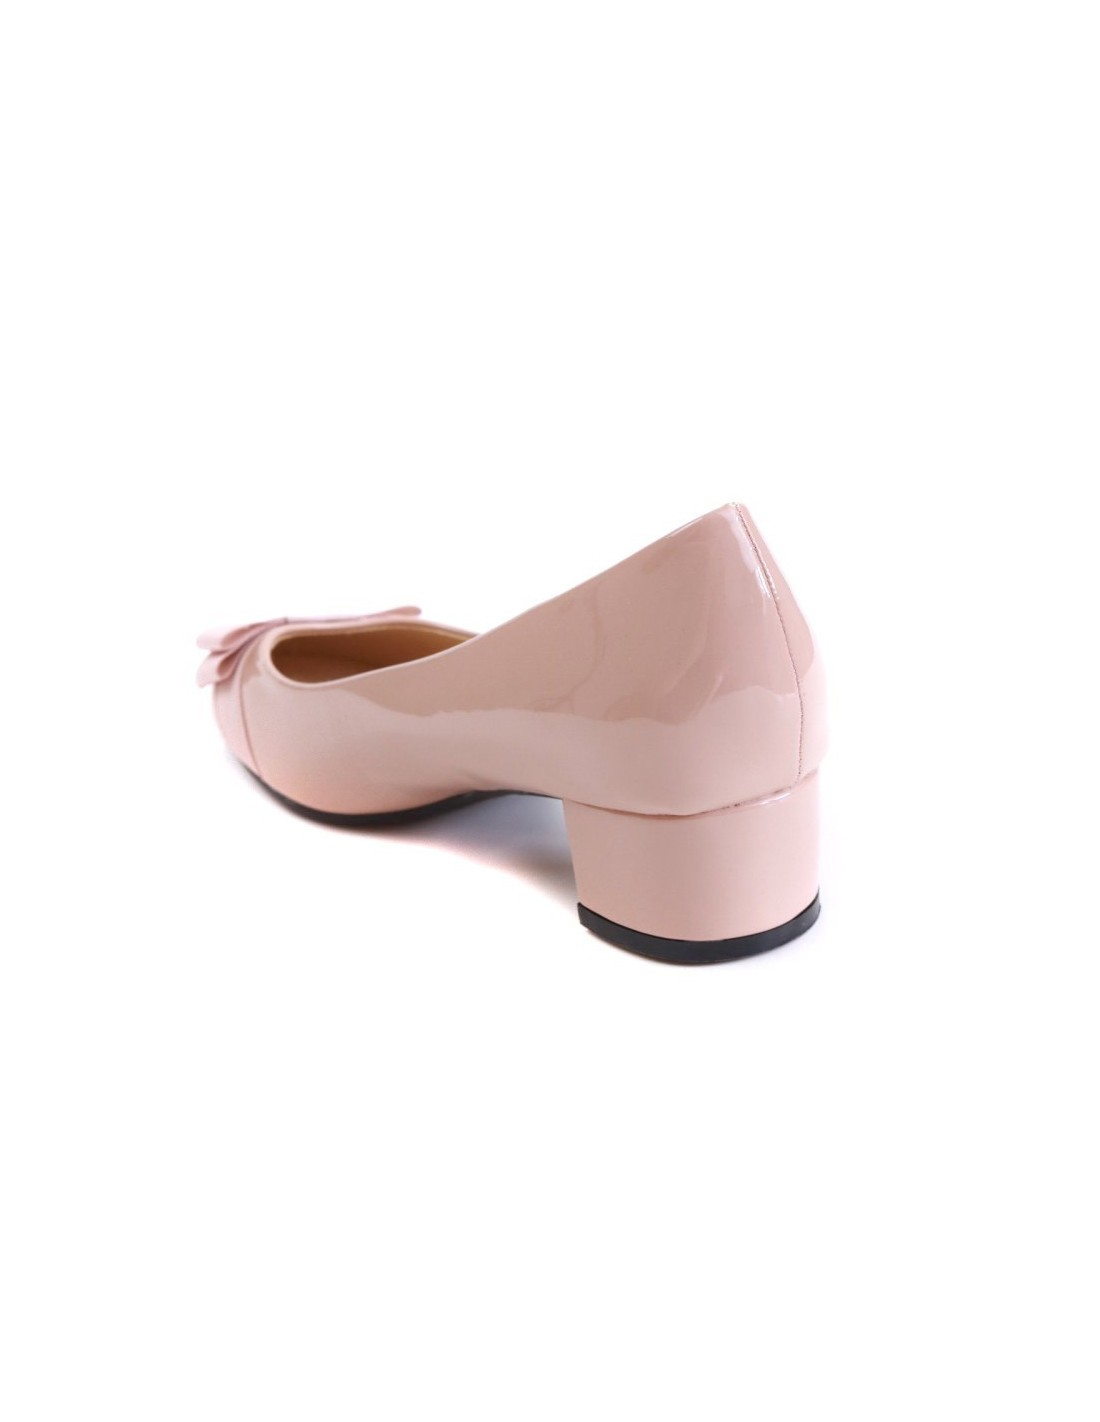 Ballerines a talon carre de couleur nude rose pale elegantes